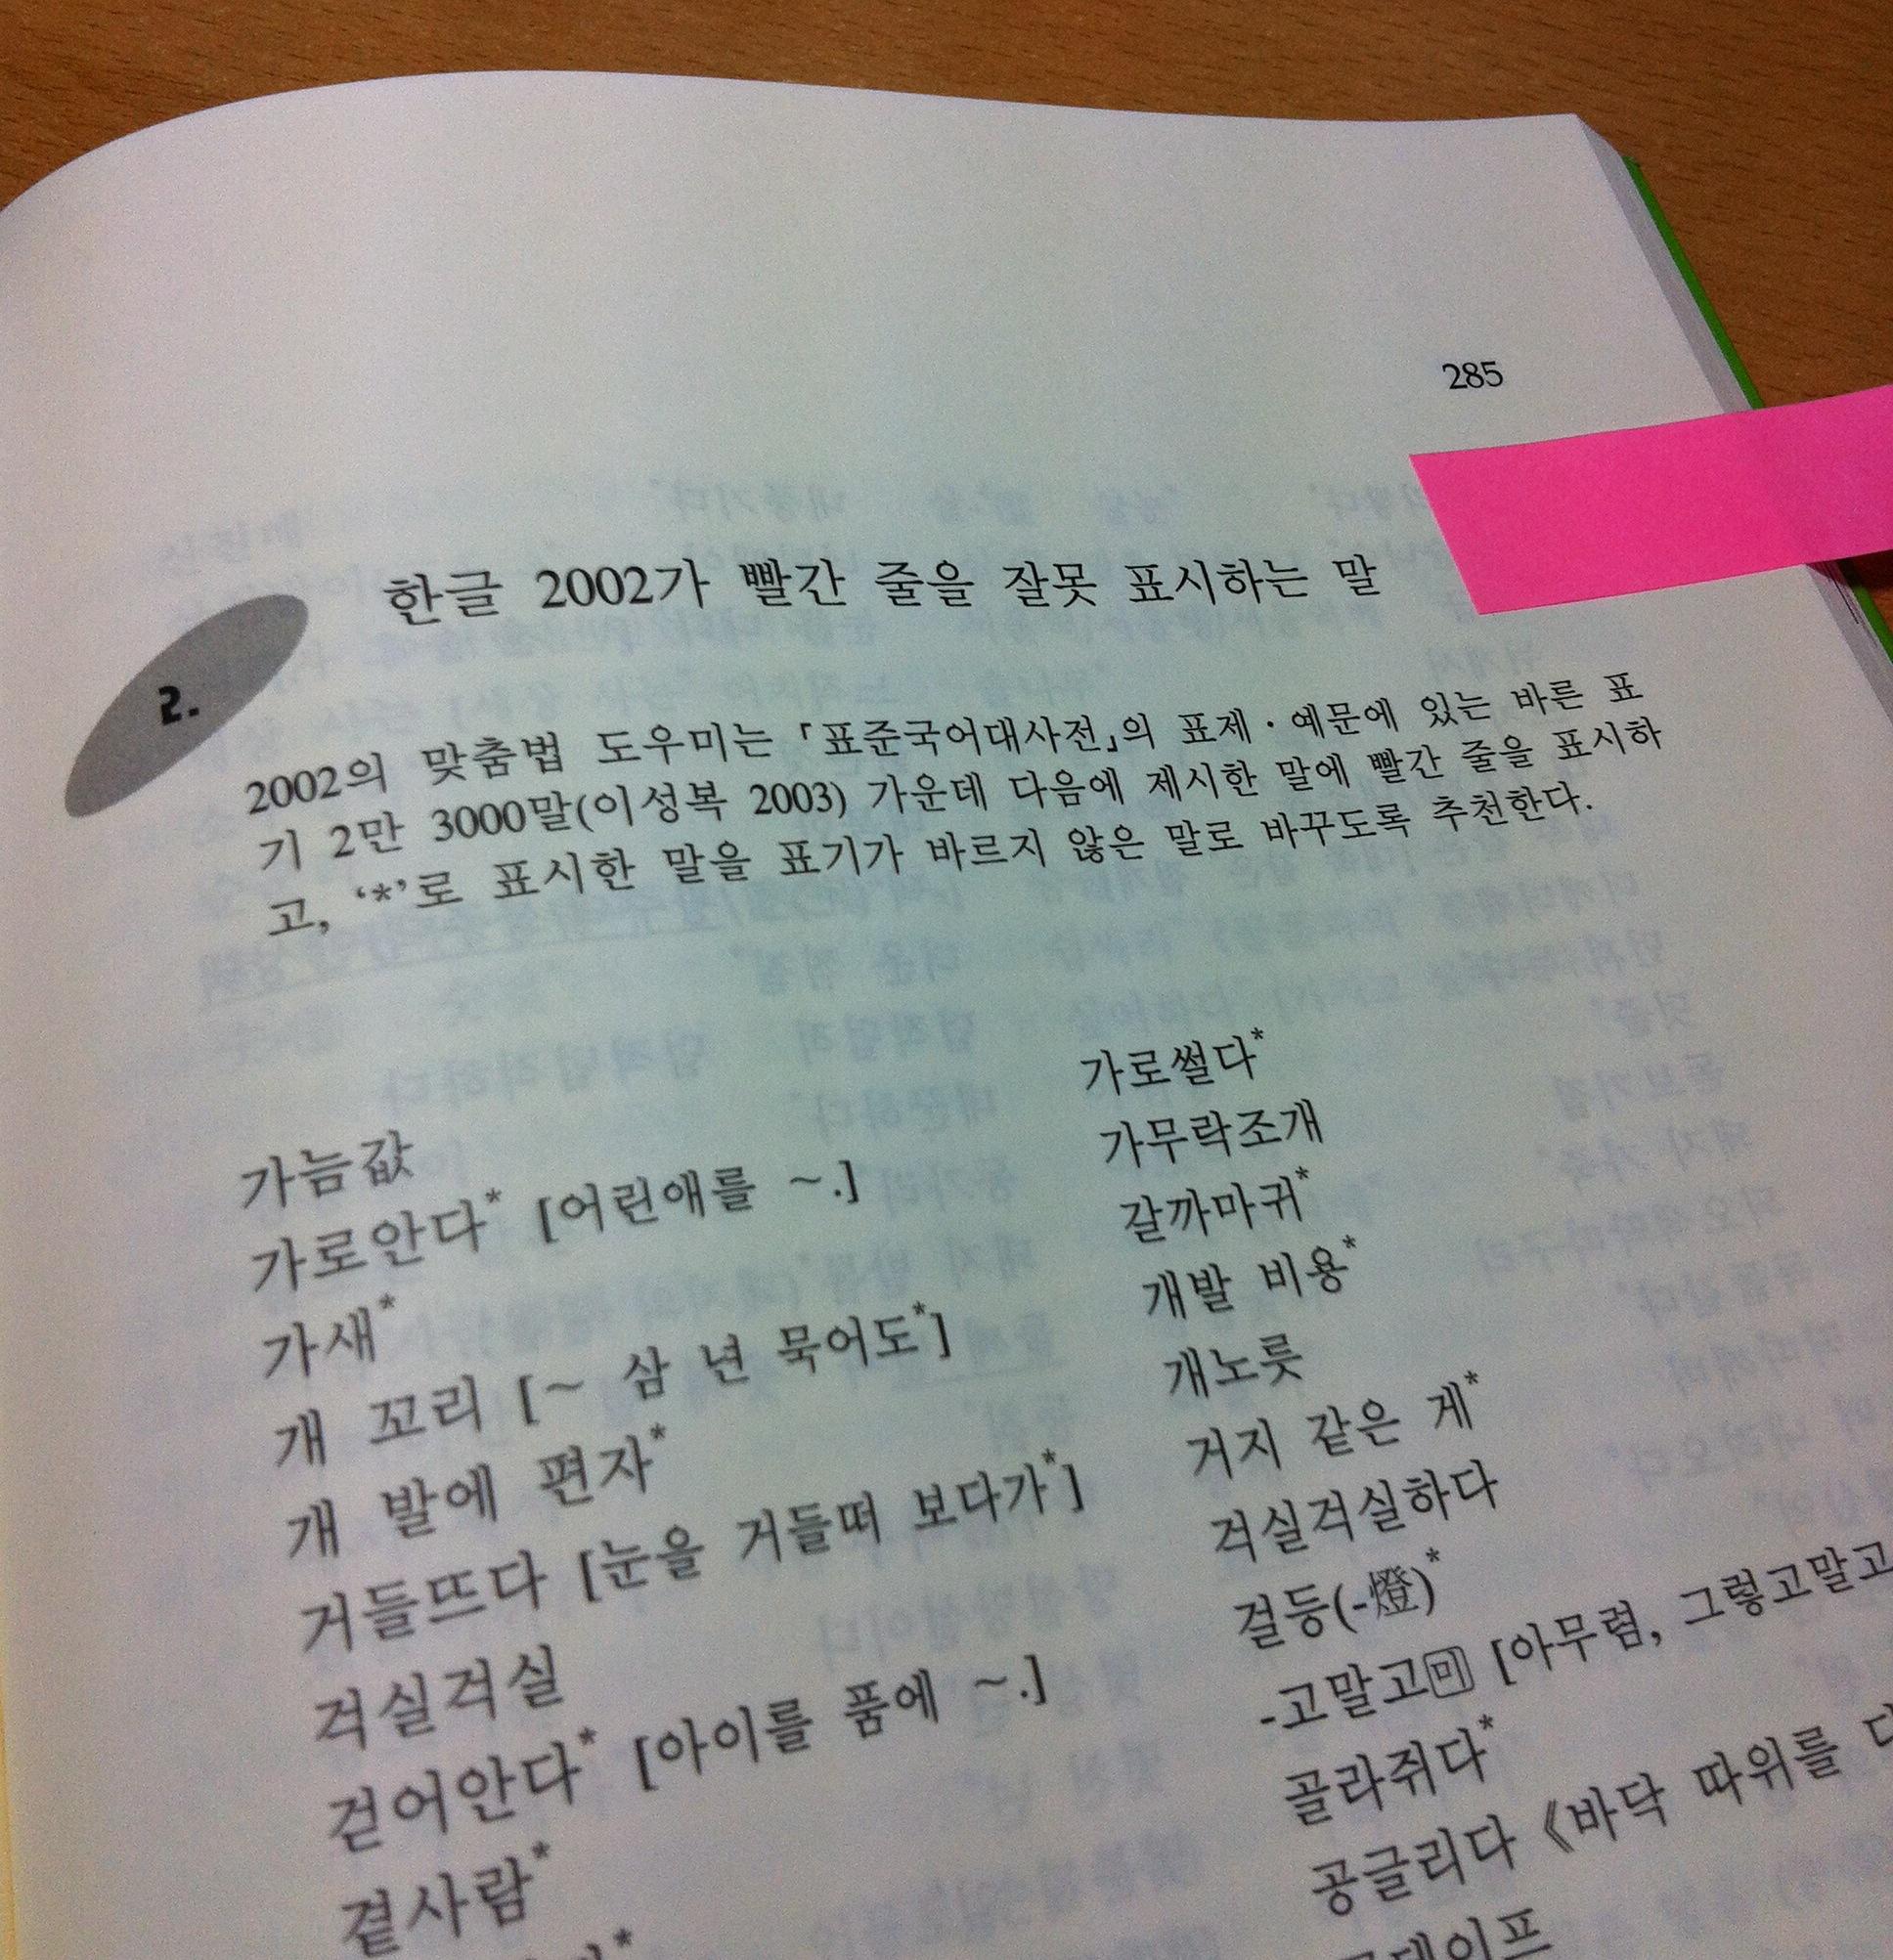 이성복, >, 세창미디어, 2007.